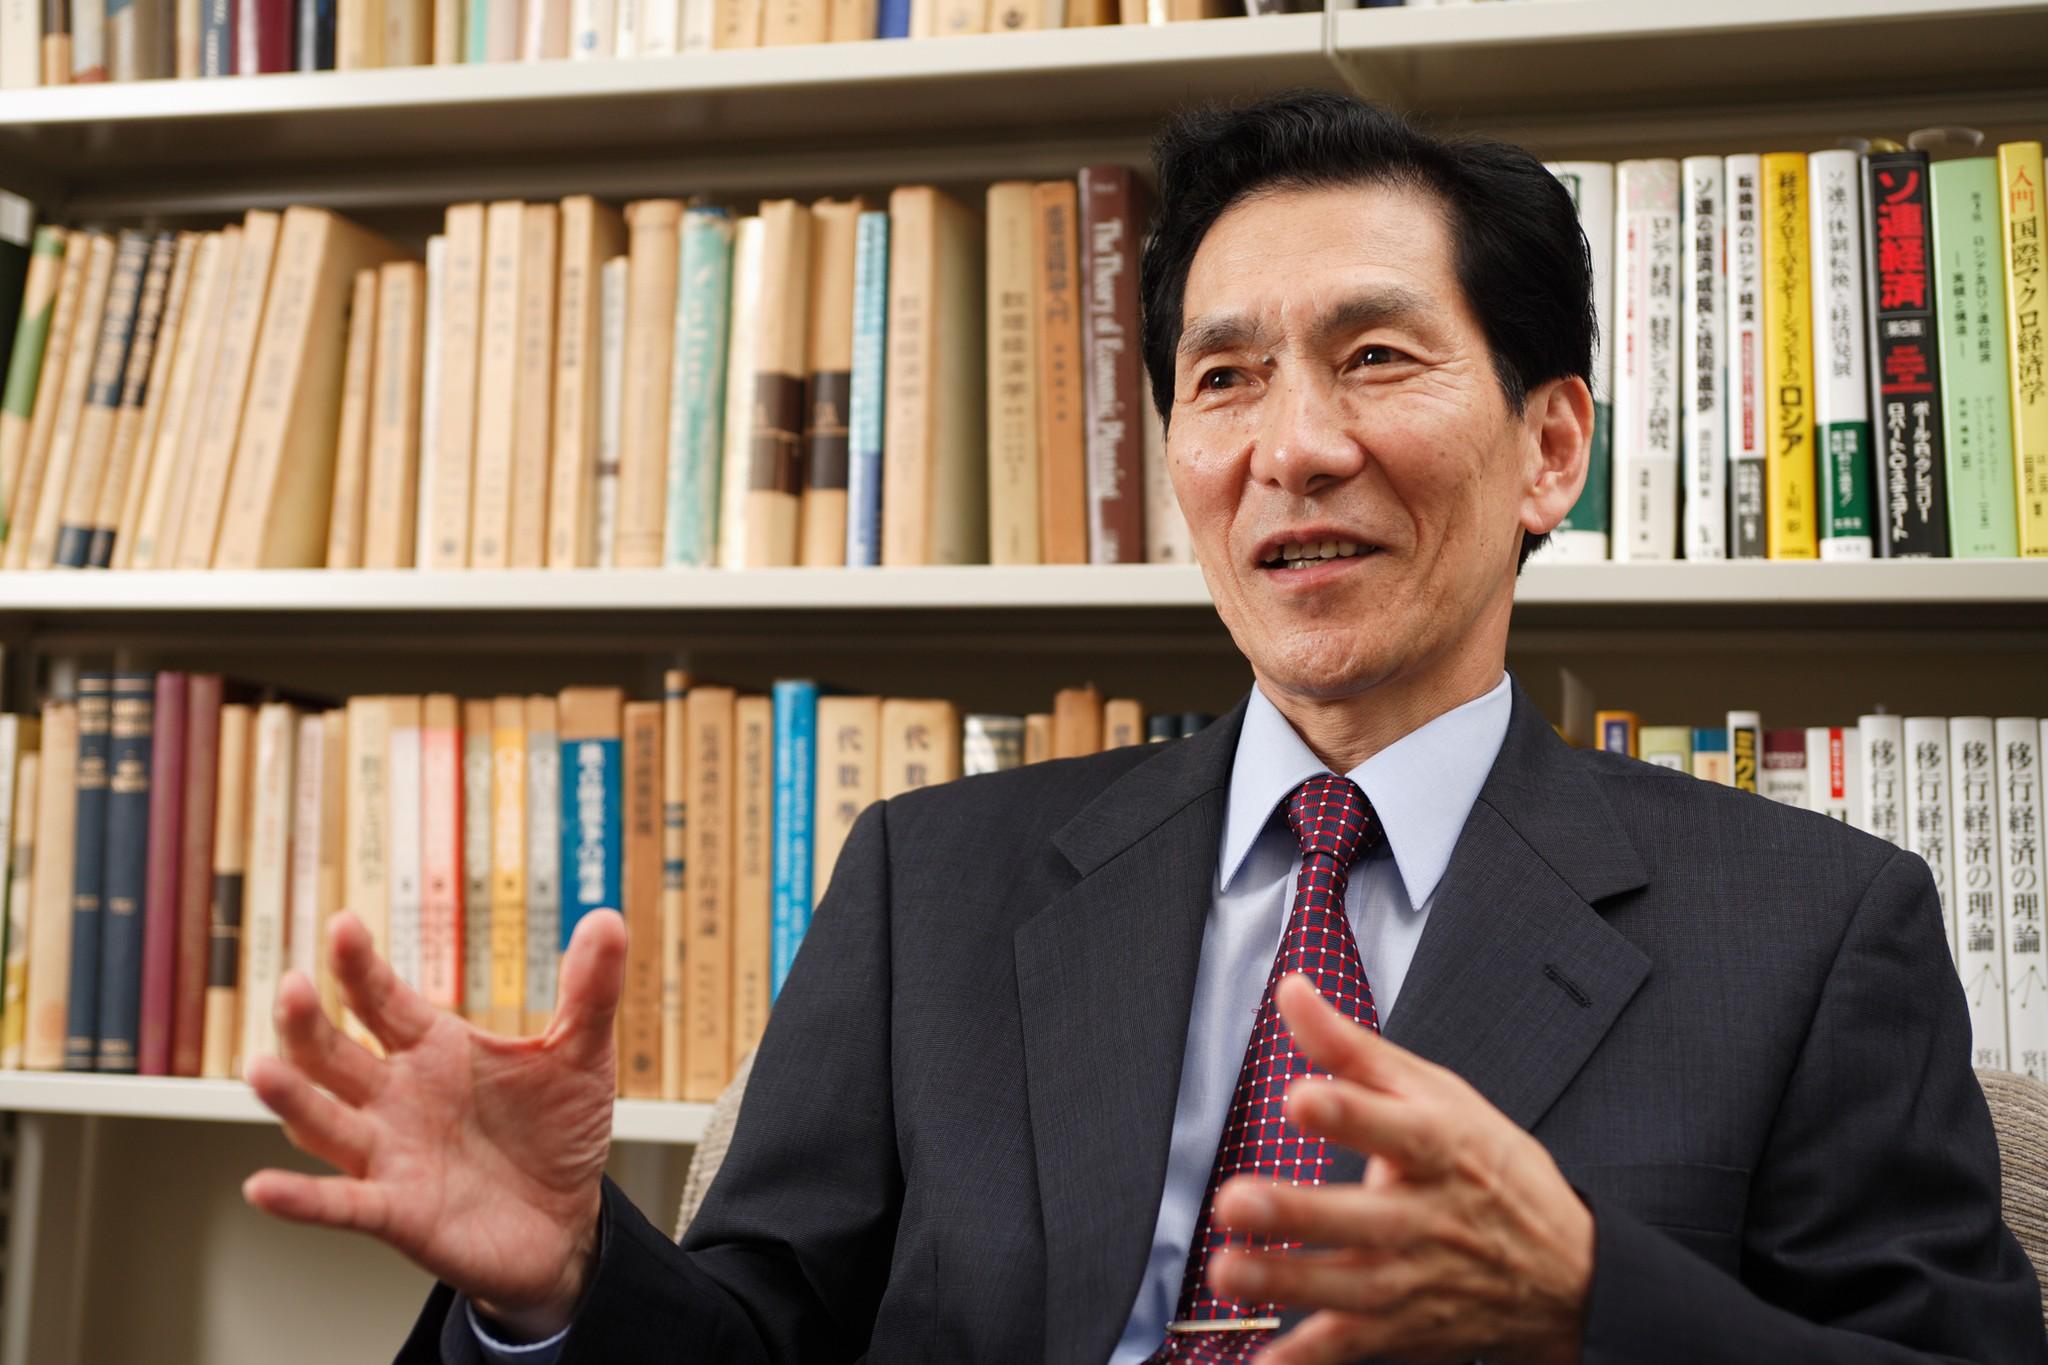 関西大学宮本名誉教授が推定 ロックダウンした時の経済的損失と影響